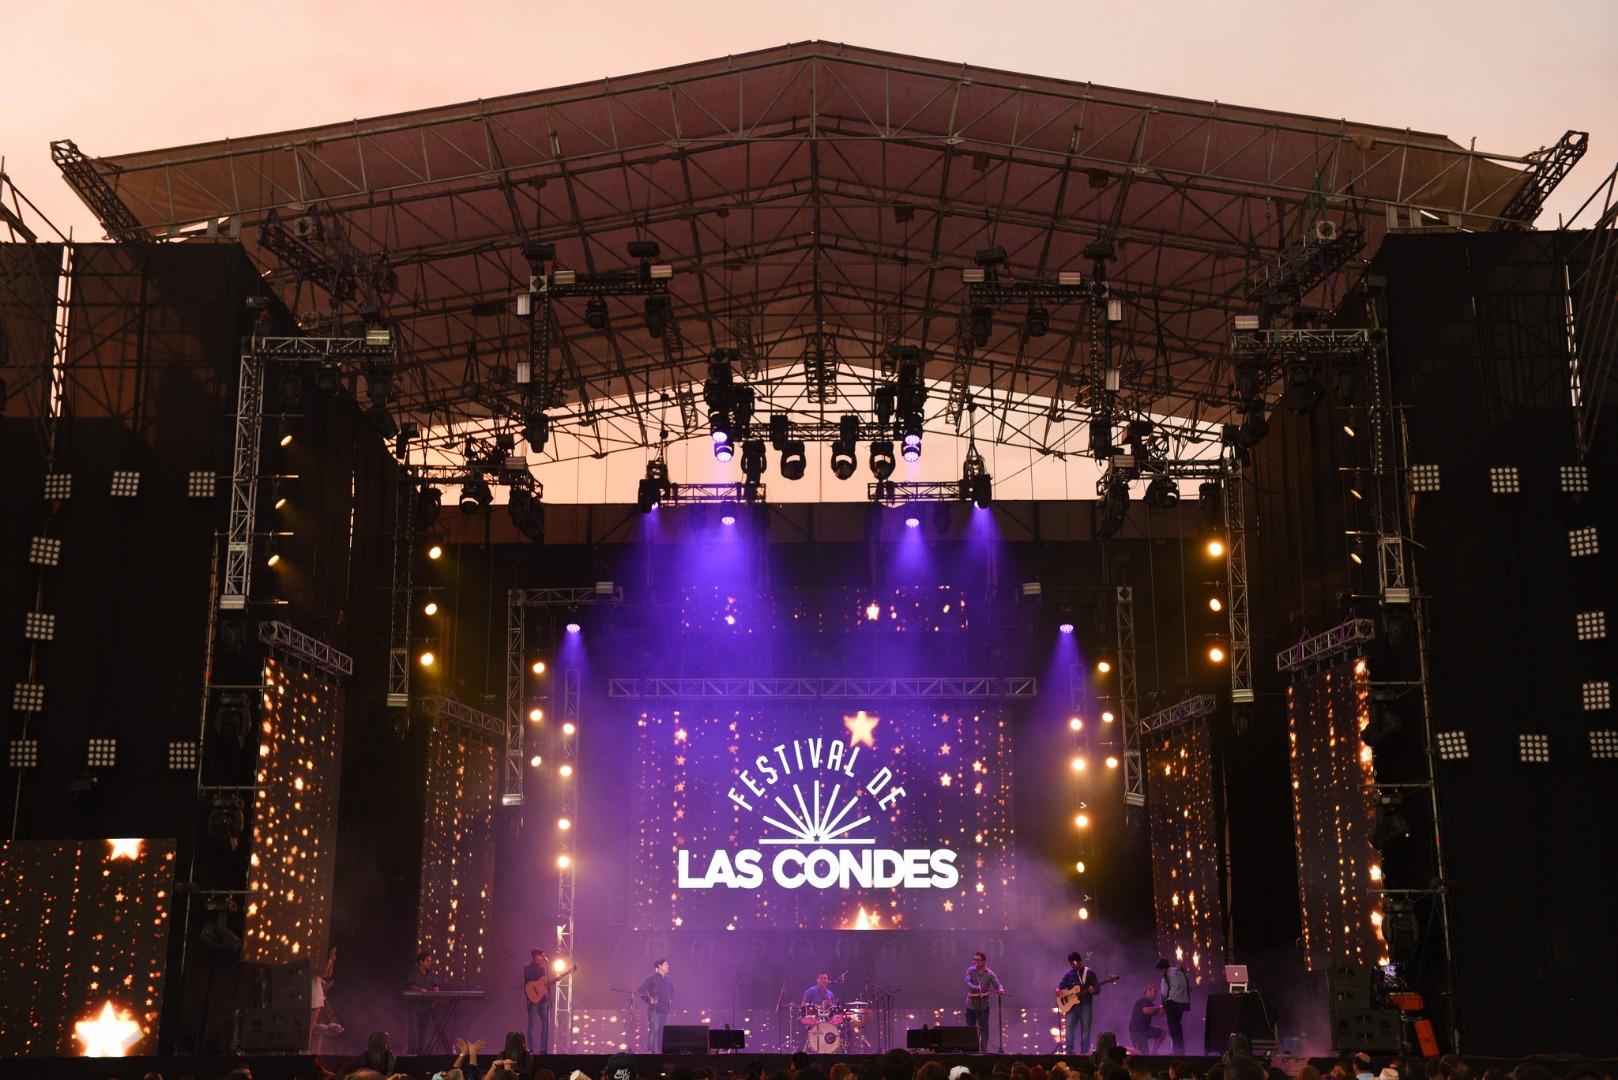 Festival de Las Condes 2018